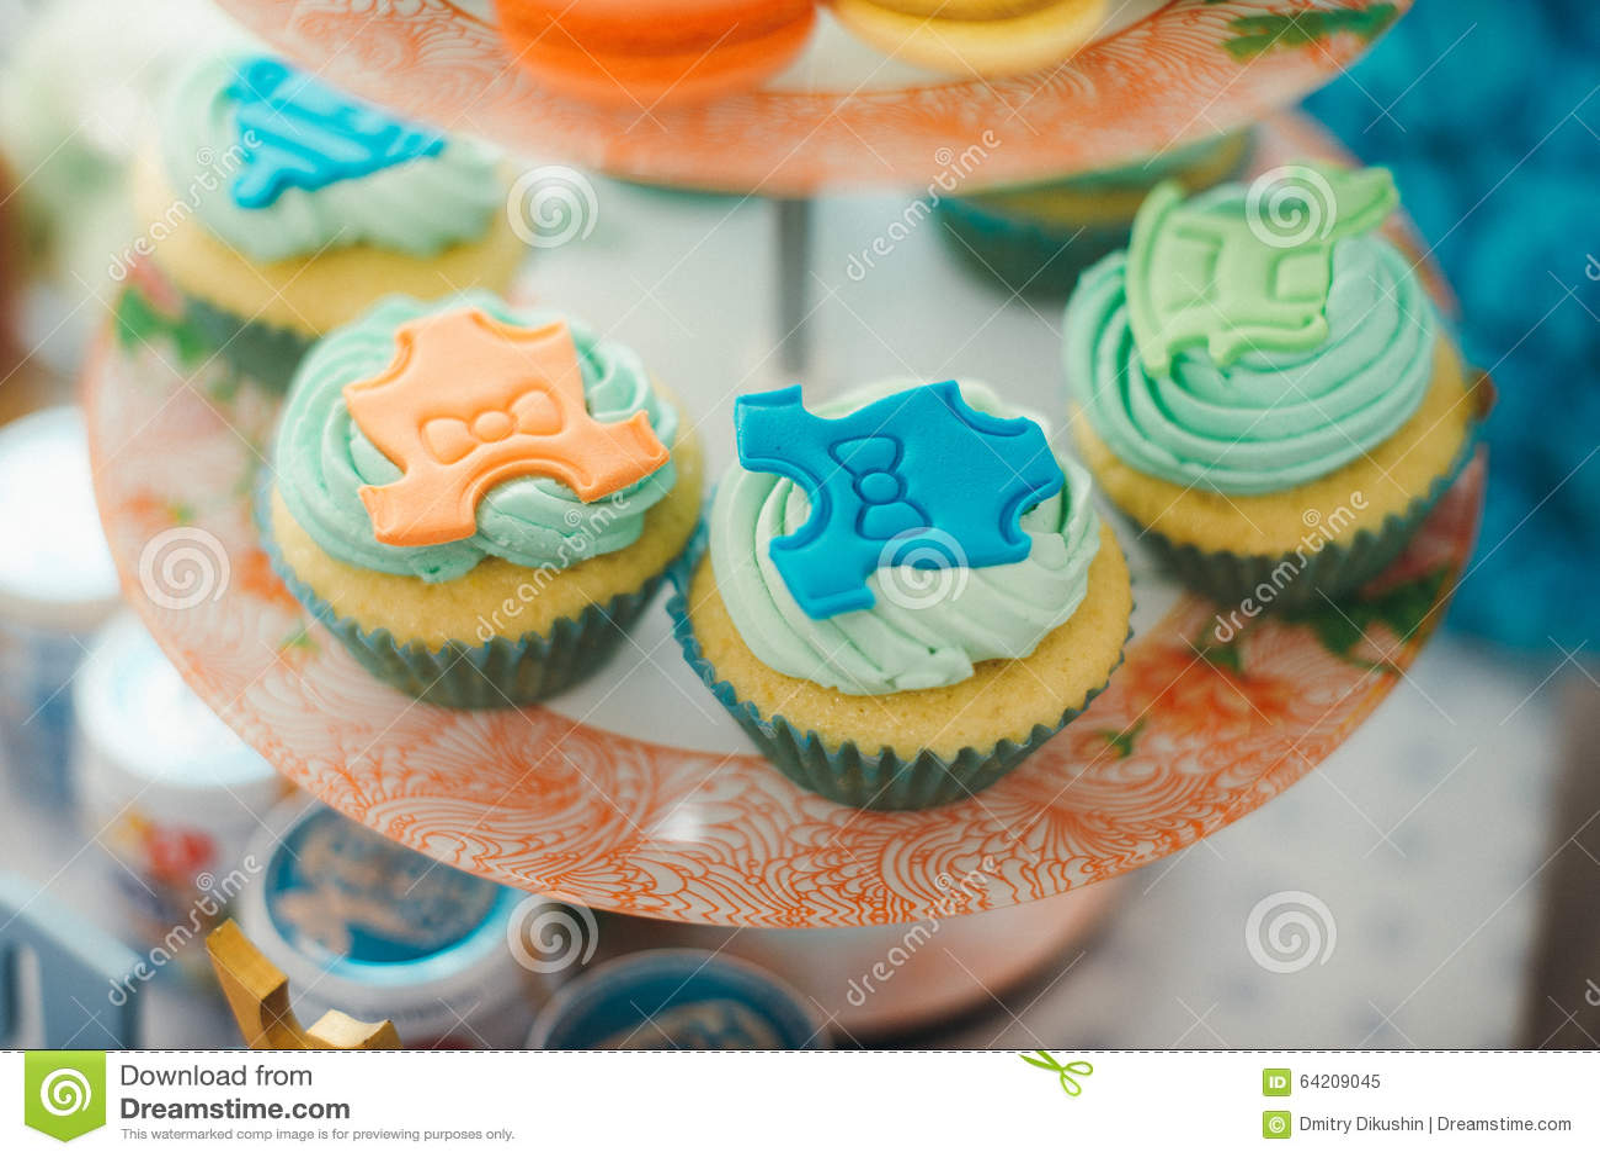 Detalles de una primera torta de cumpleaños del año en azul